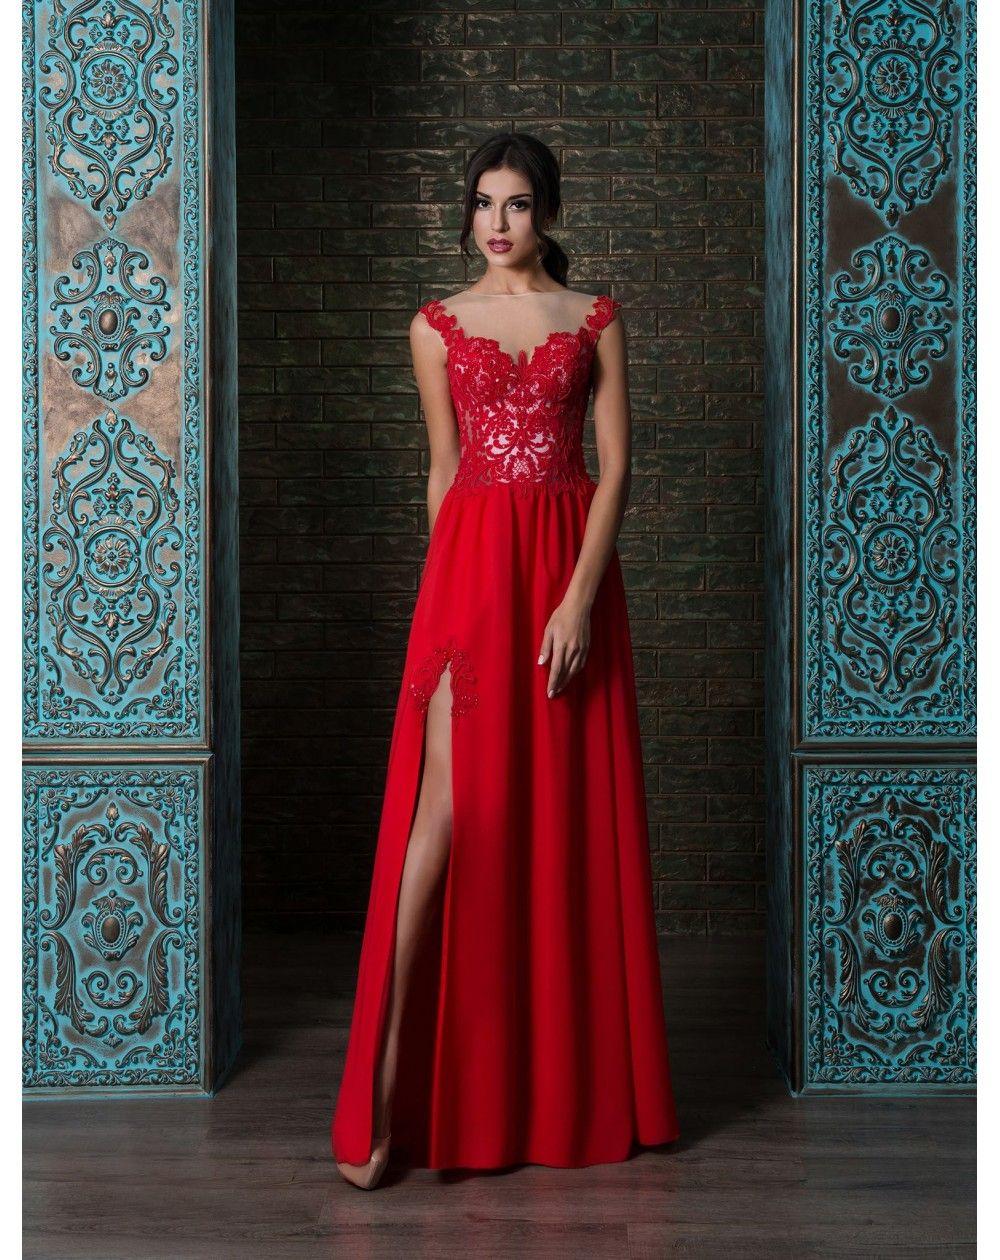 Sexi moderné šaty s čipkovým efektom na živôtiku. Padavá šifónová sukňa s  rozparkom pôsobí veľmi zvodne. 5852d39a4ae